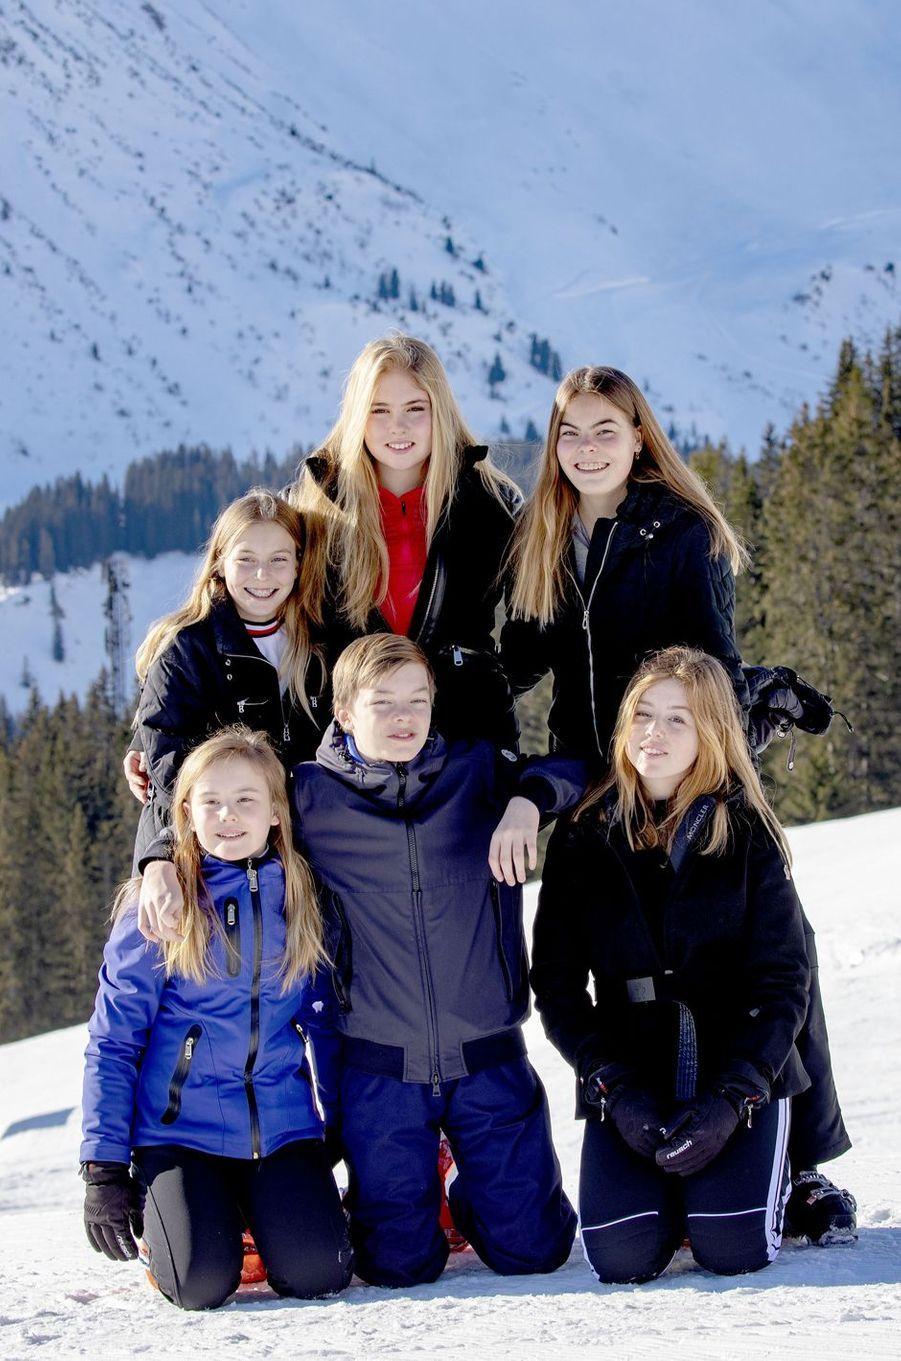 Les princesses Catharina-Amalia, Alexia et Ariane des Pays-Bas avec leurs cousins à Lech, le 25 février 2019